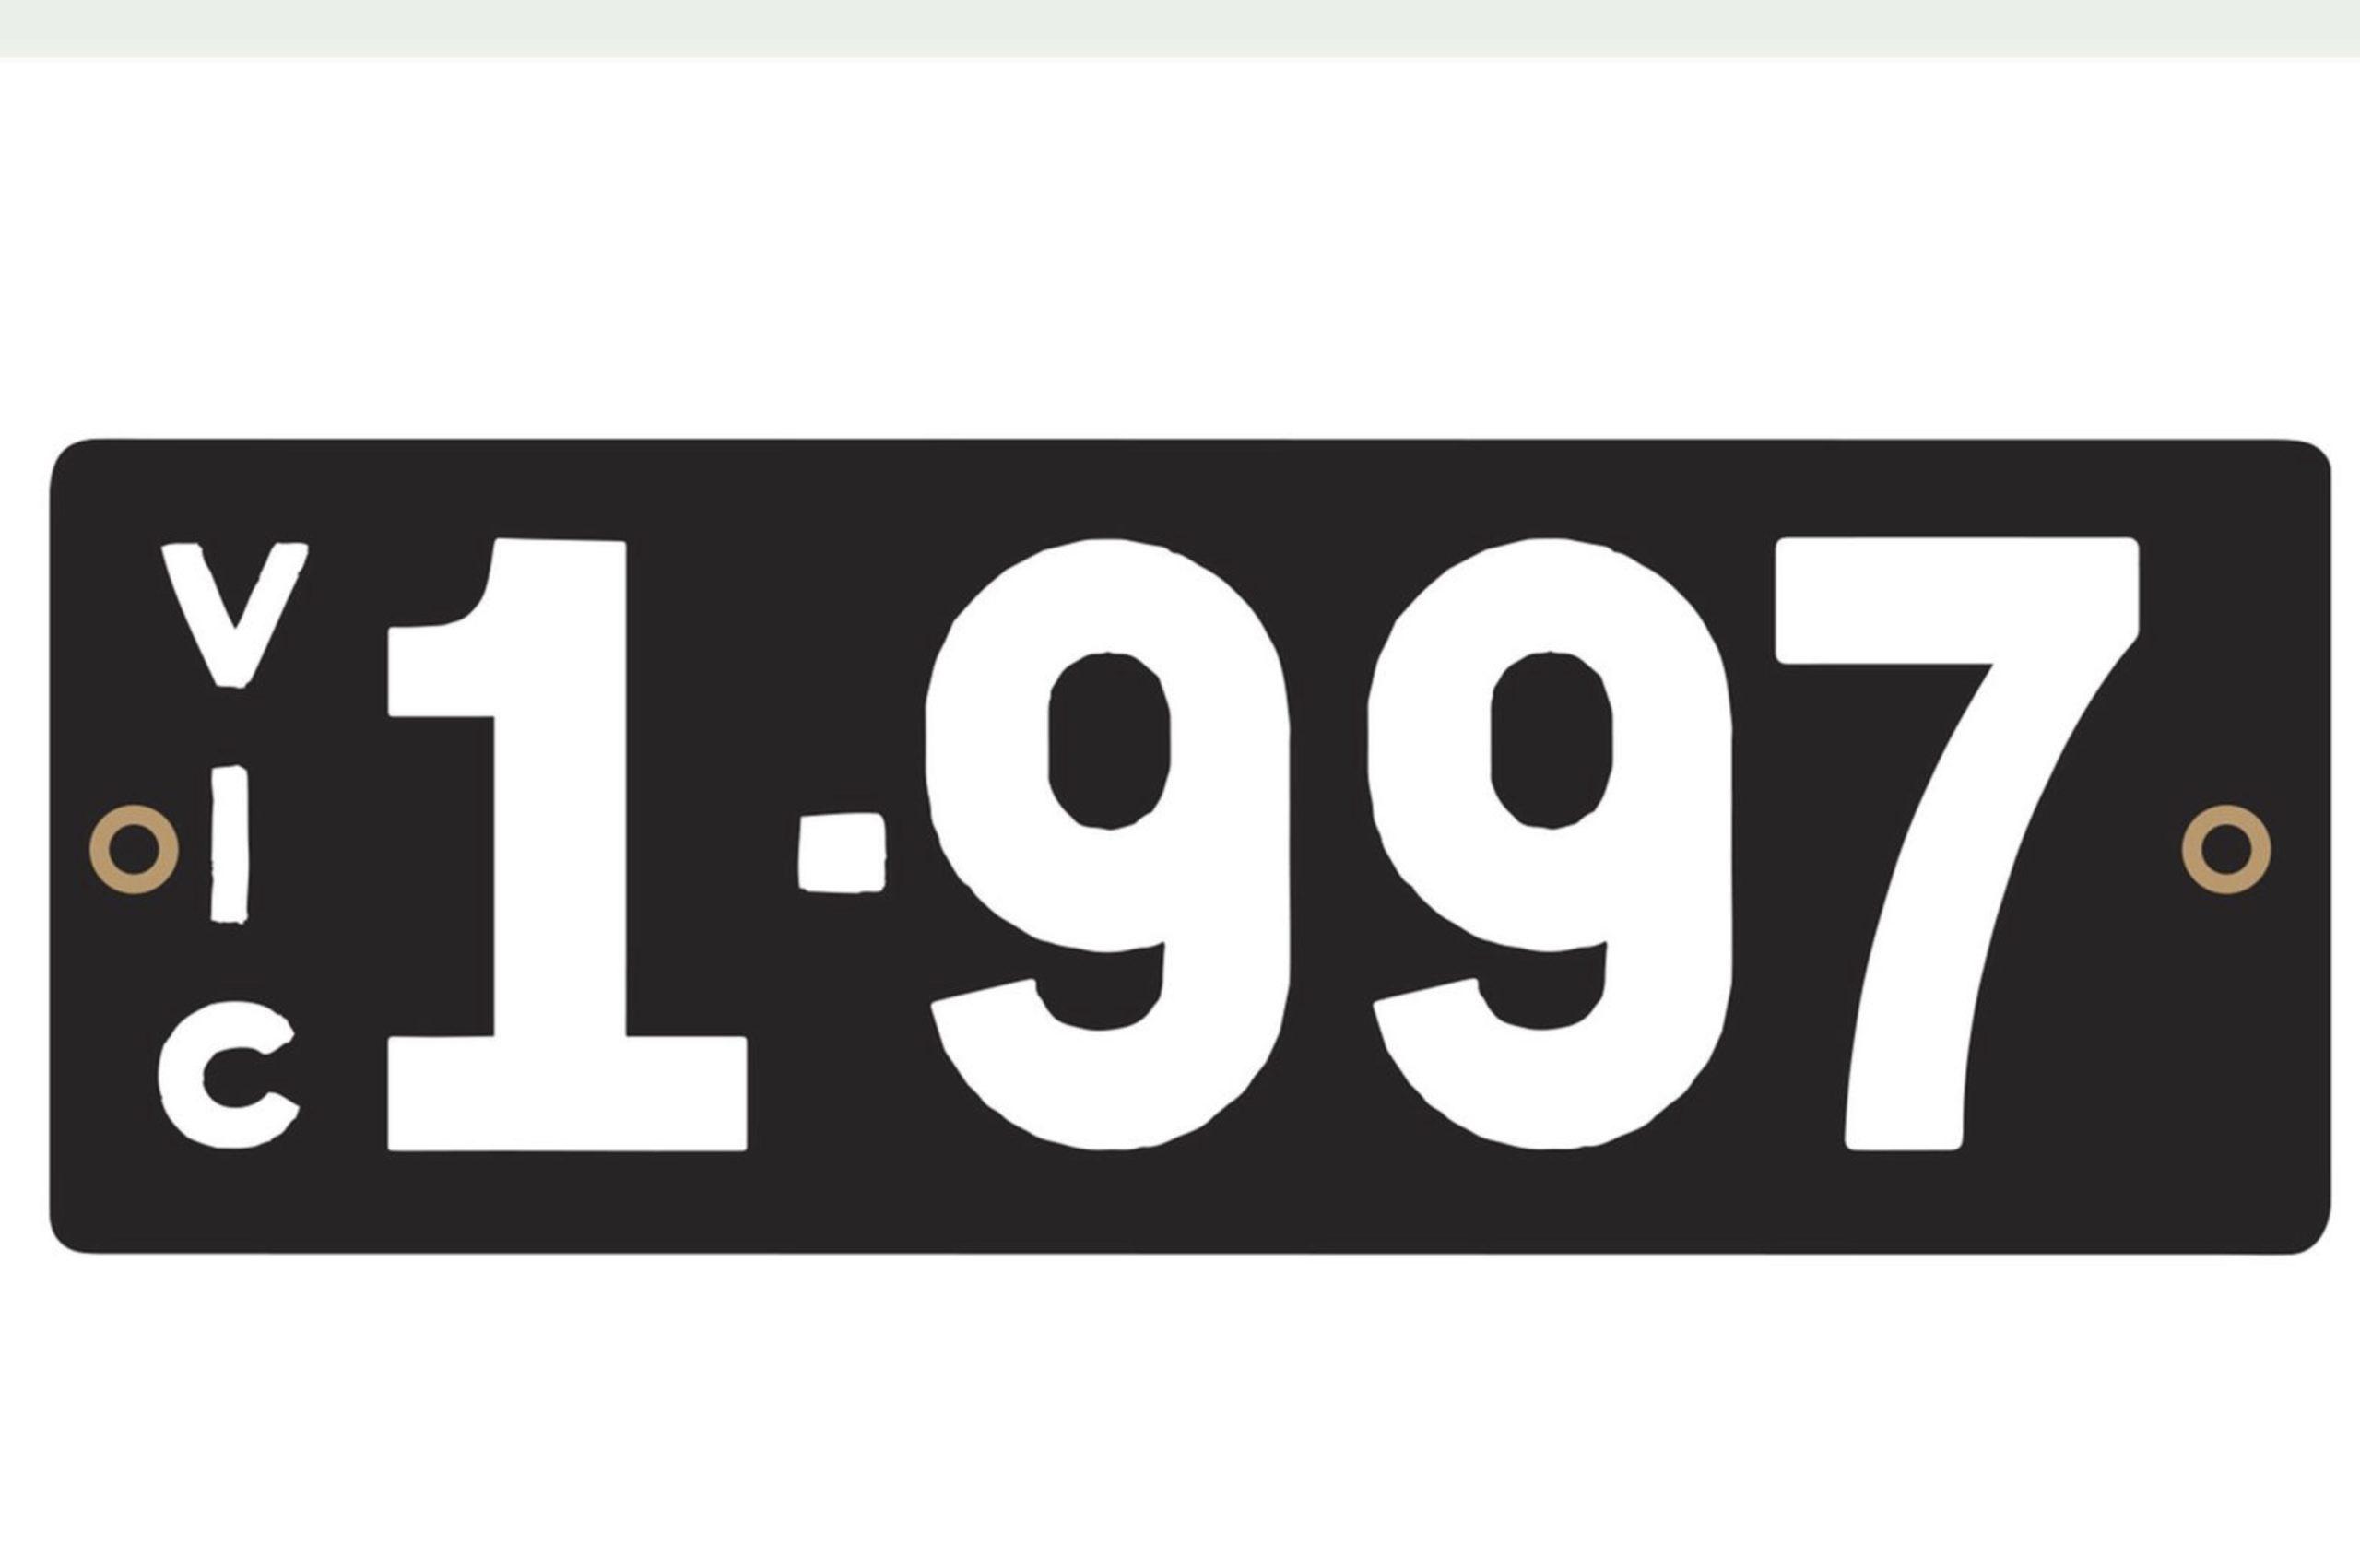 Plaque 1997 pour un anniversaire - VIC et NSW avril 2021.